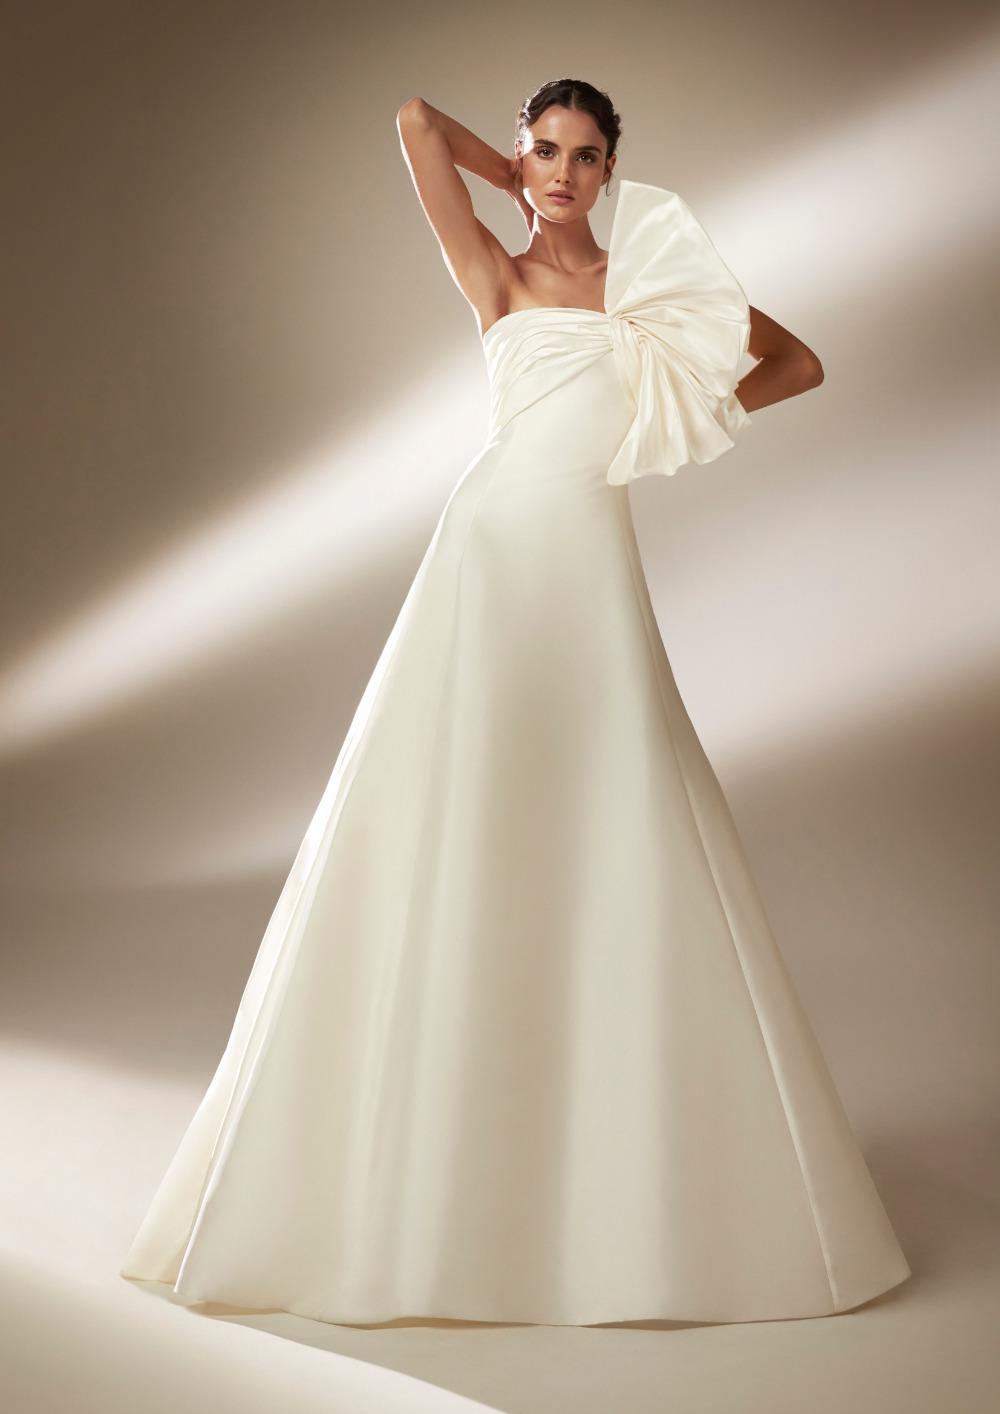 Atelier Pronovias * Svadobné šaty z kolekcie na 2021 - Obrázok č. 11